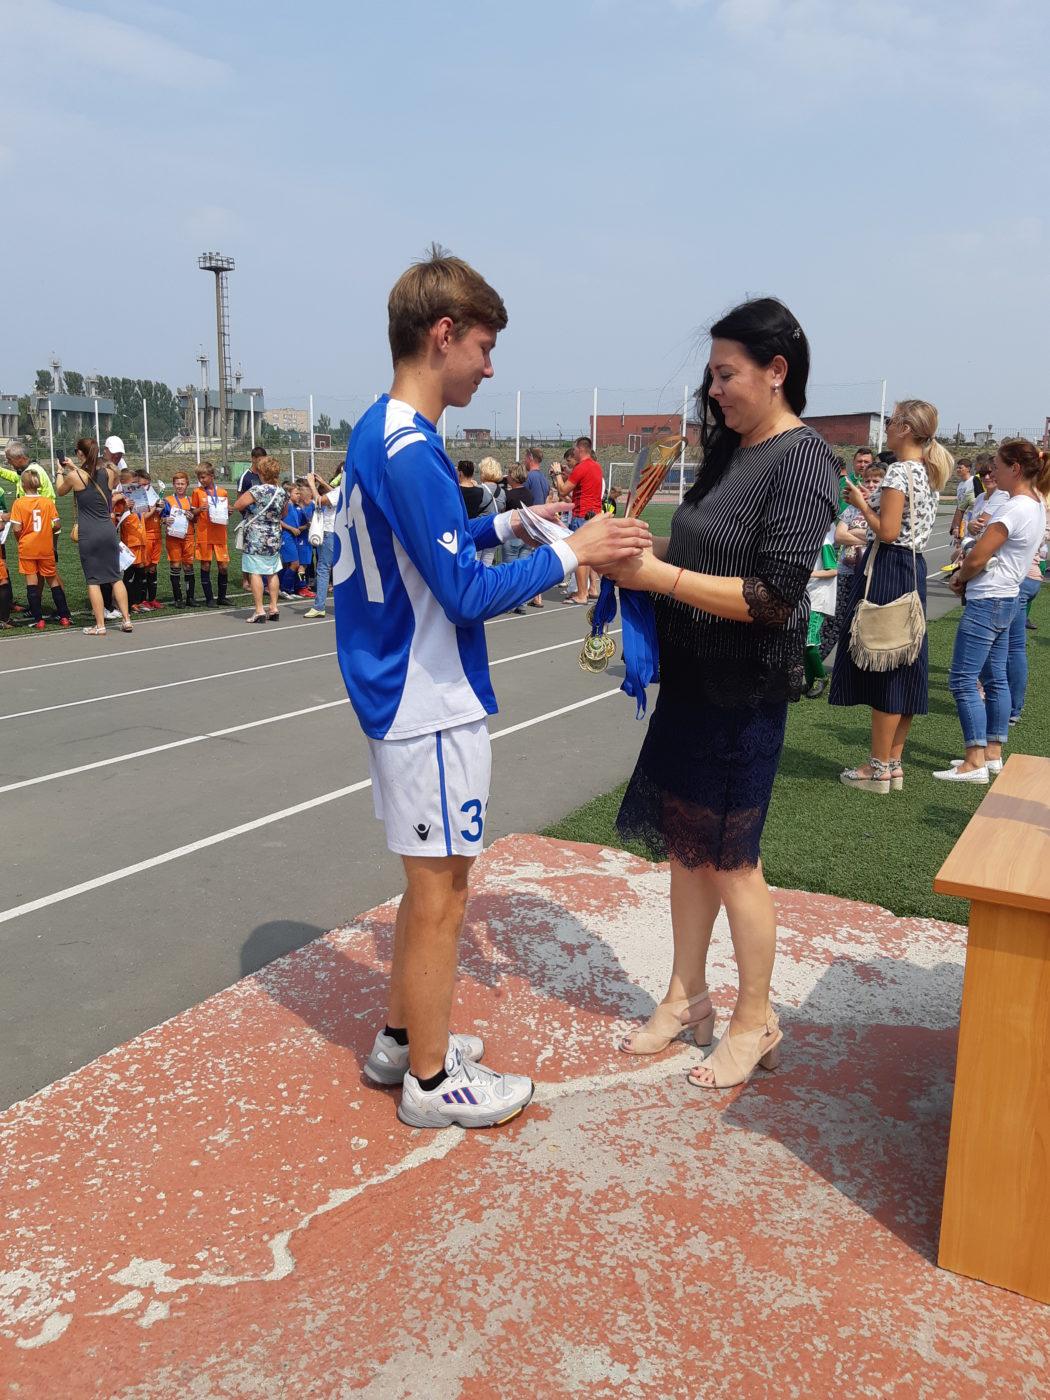 432 спортсмена СШОР Балаково приняли участие в Кубке памяти Бутовского